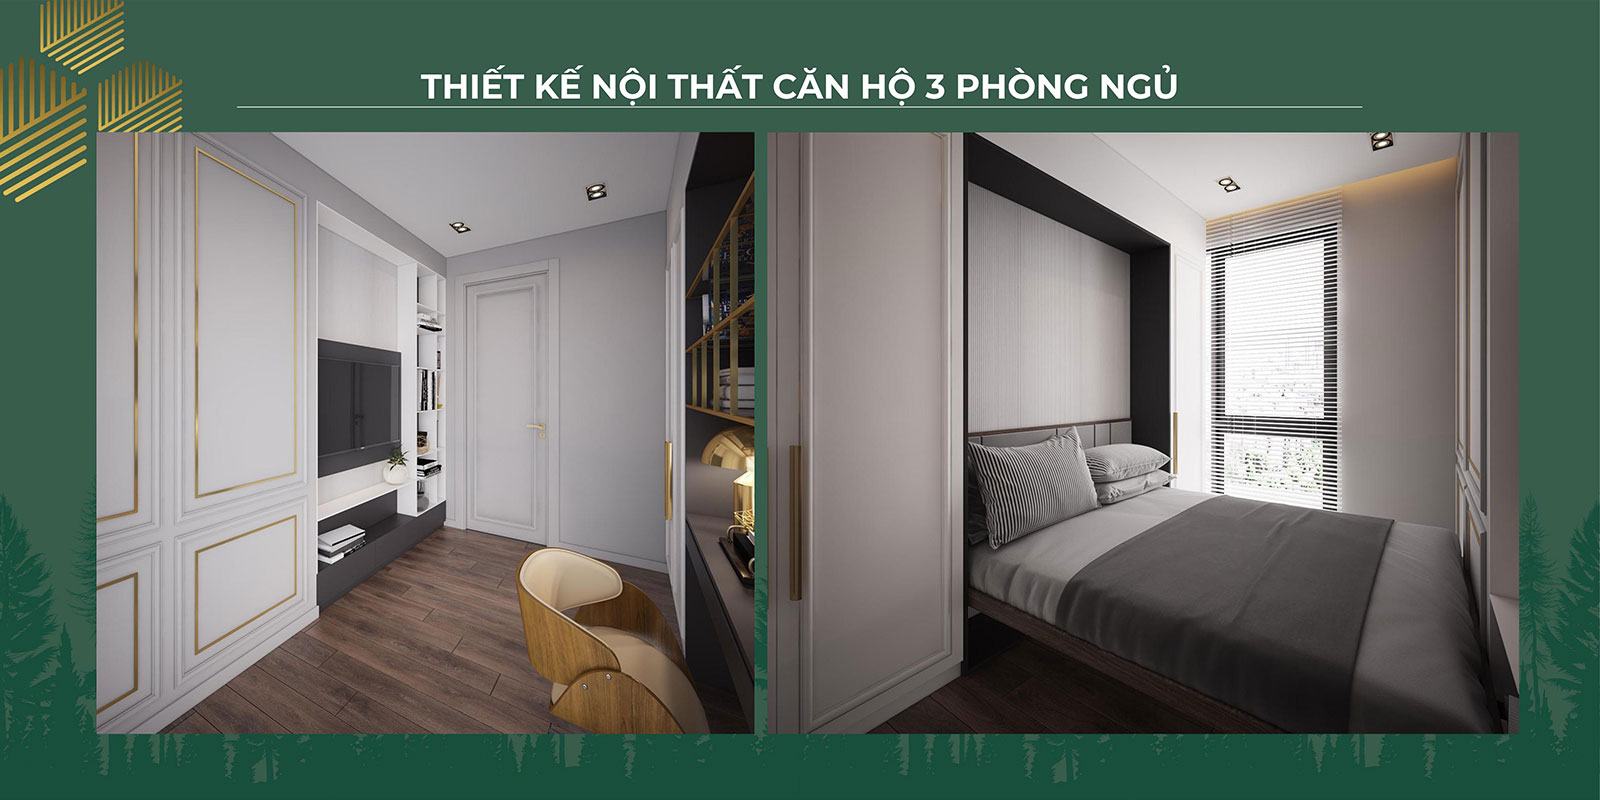 Thiết kế nội thất căn hộ 3PN